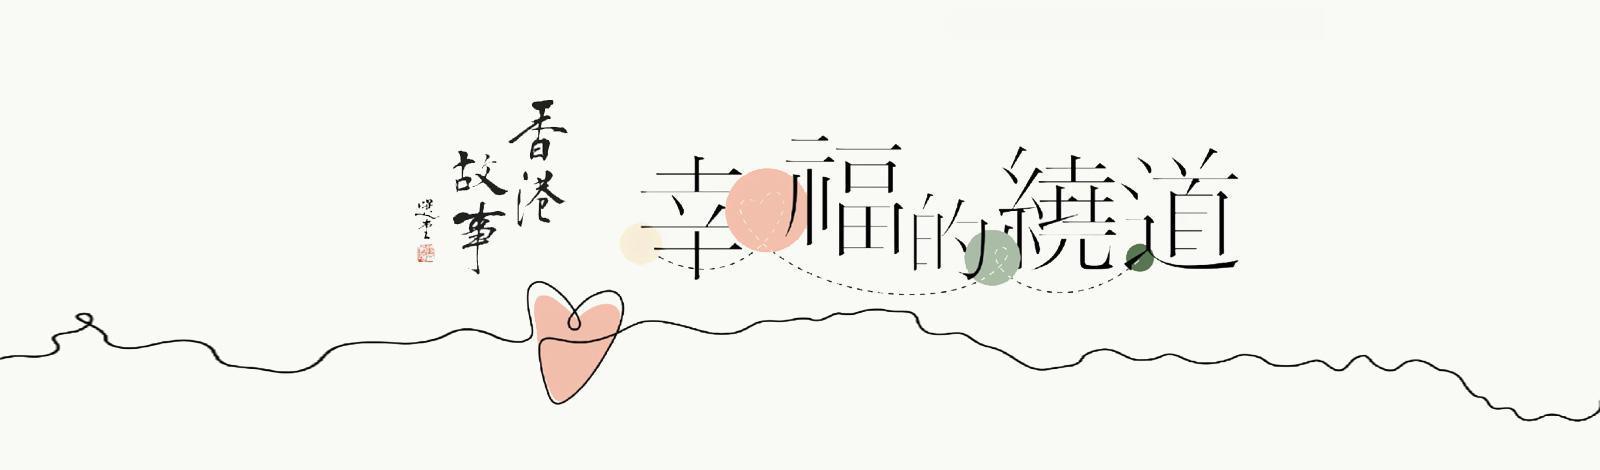 香港故事 #49 幸福的绕道